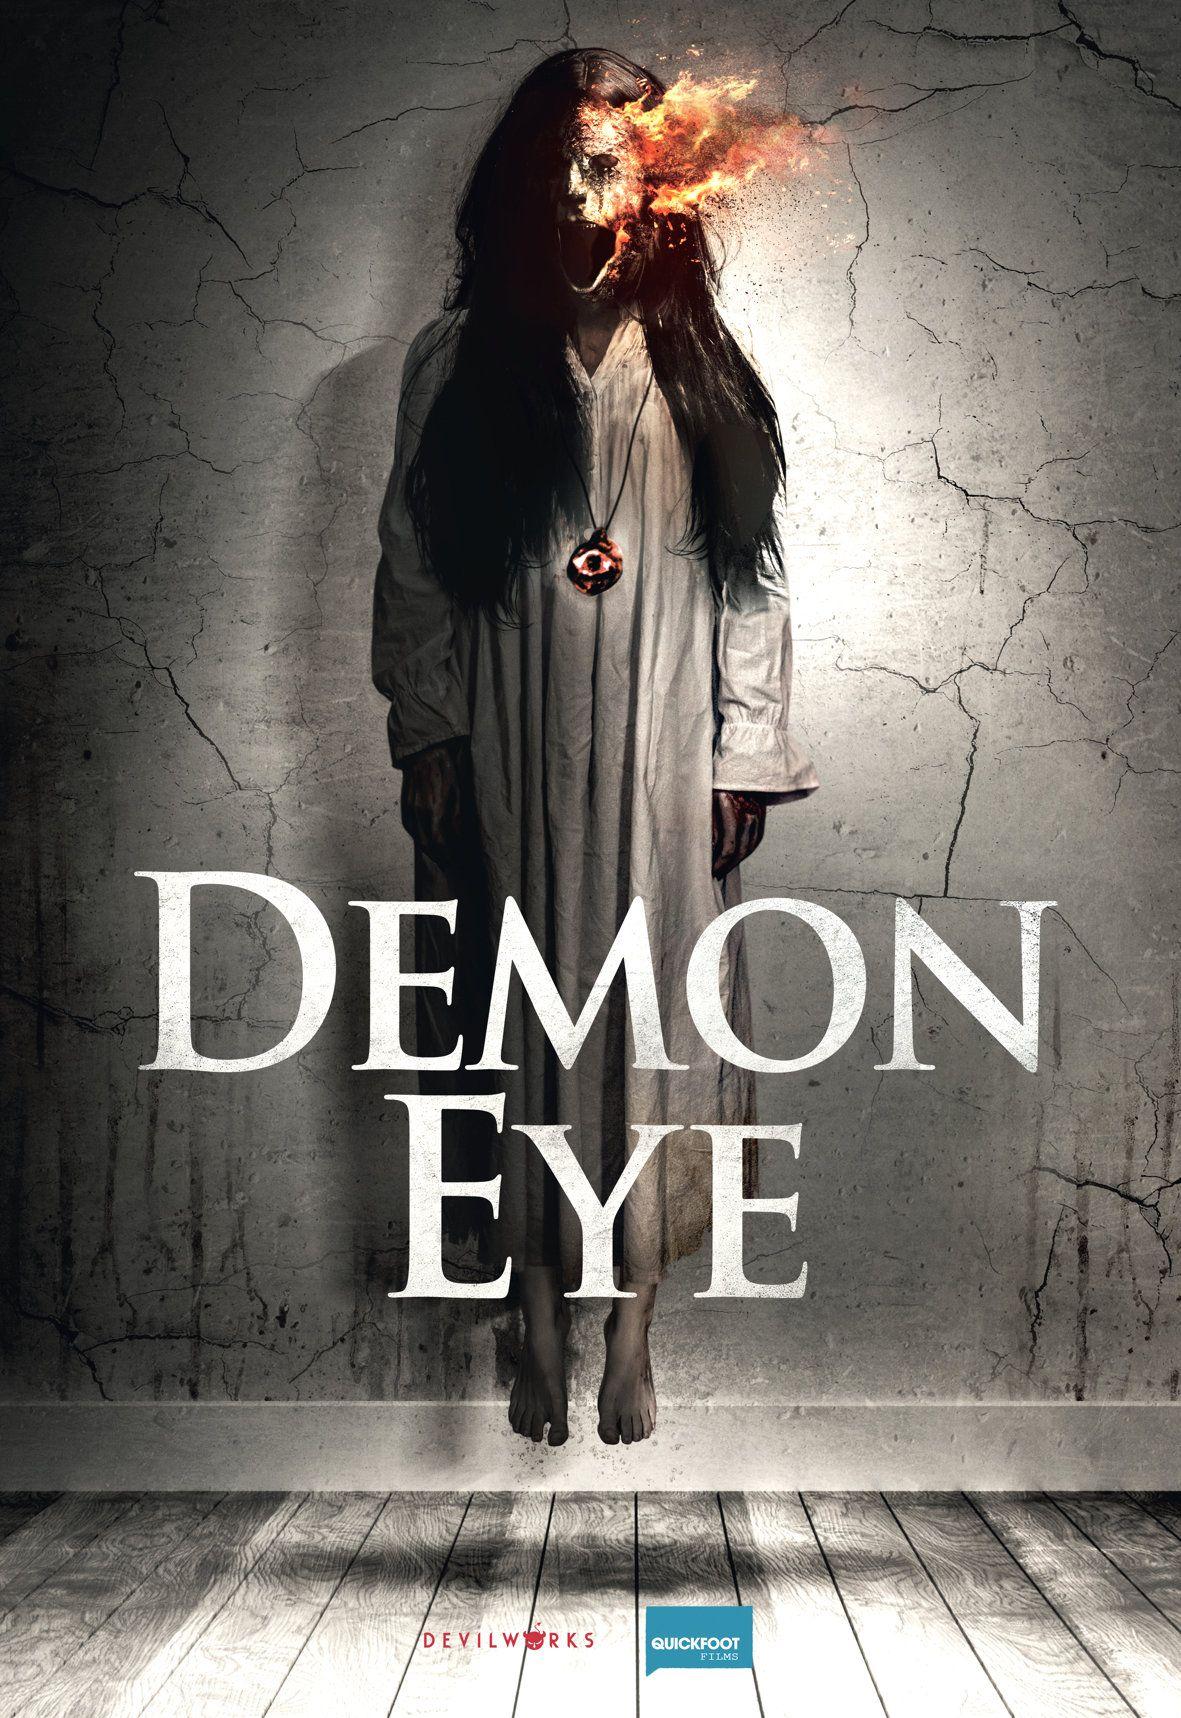 Demon eye movie trailer